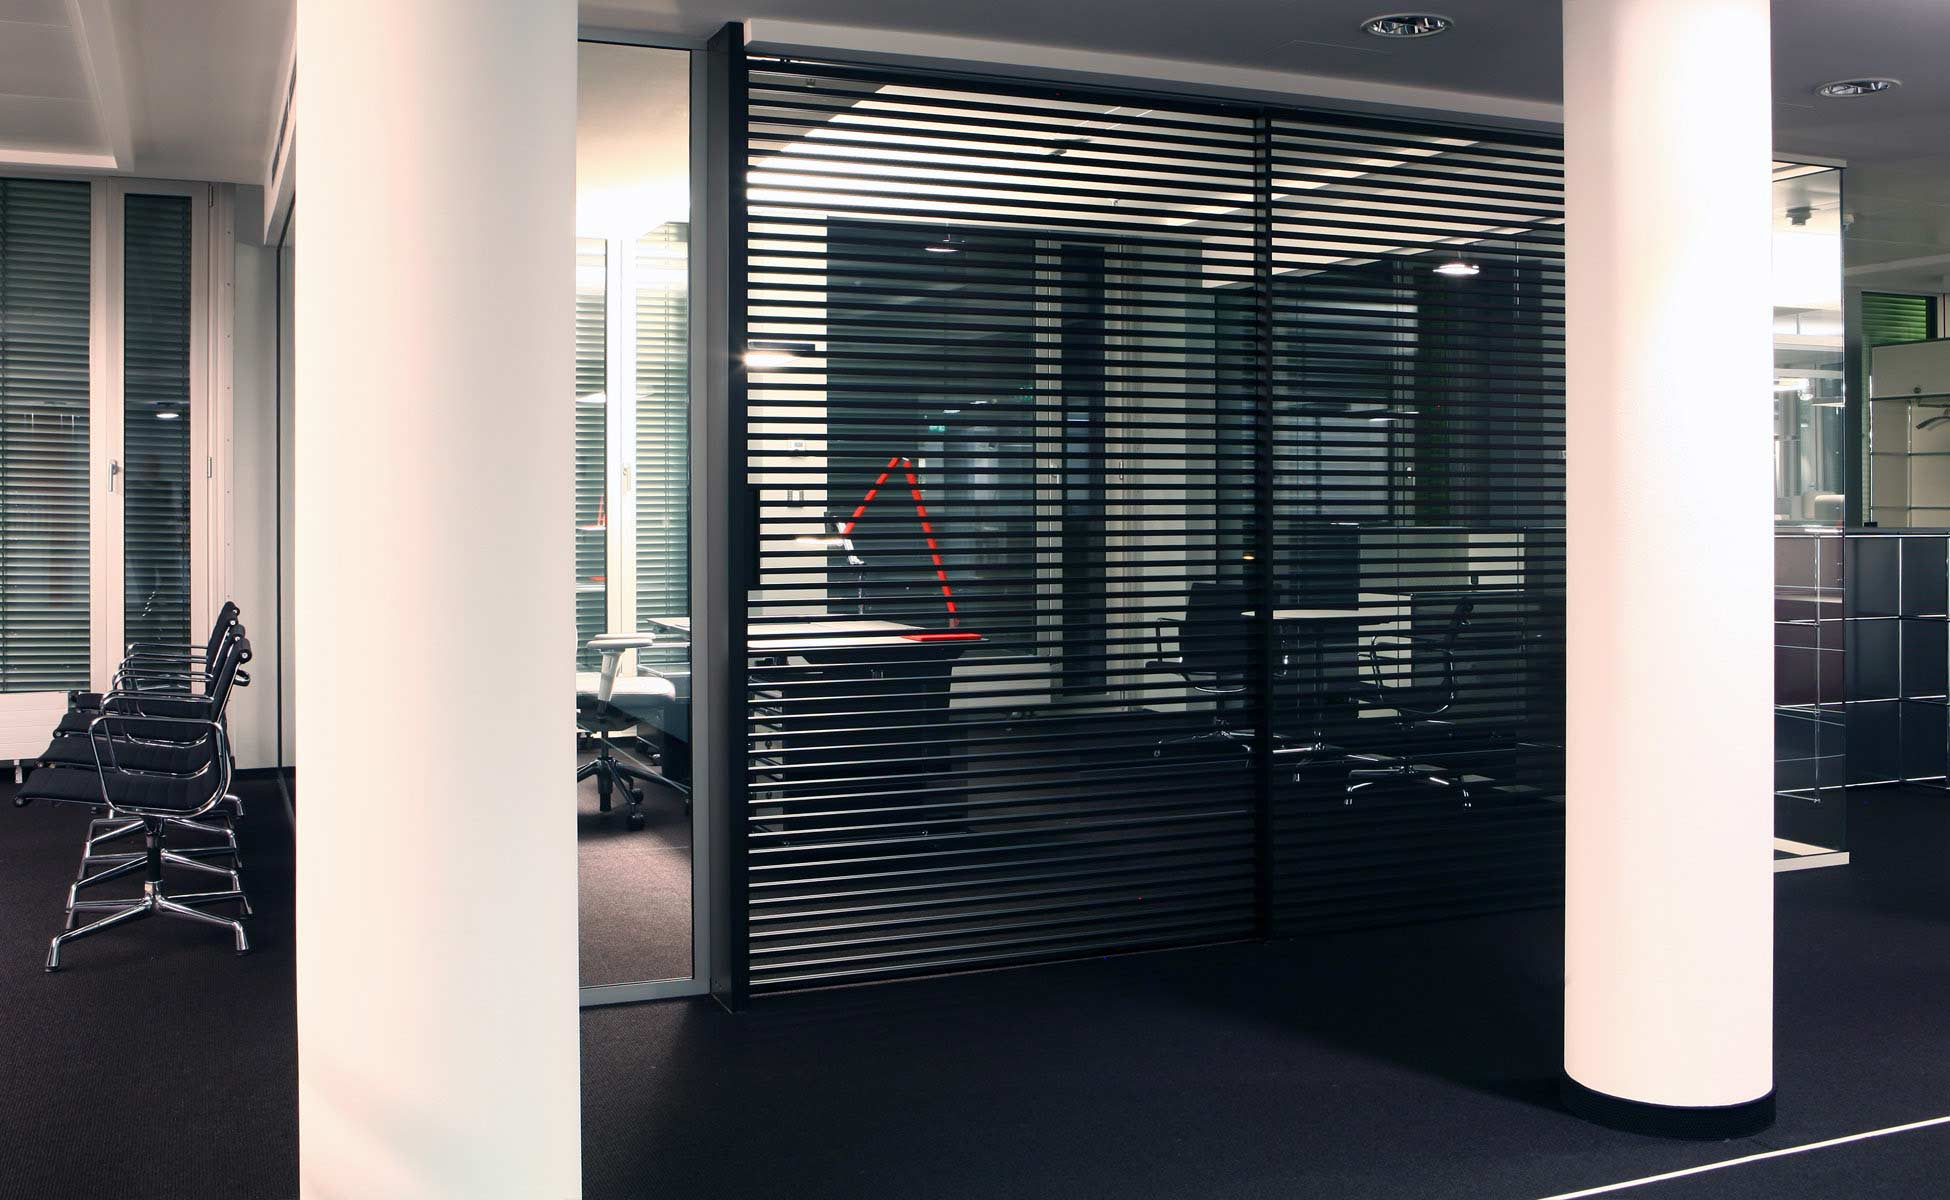 05 rimadesio stripe schiebetüren - büro- und objekteinrichtung von steidten+ berlin